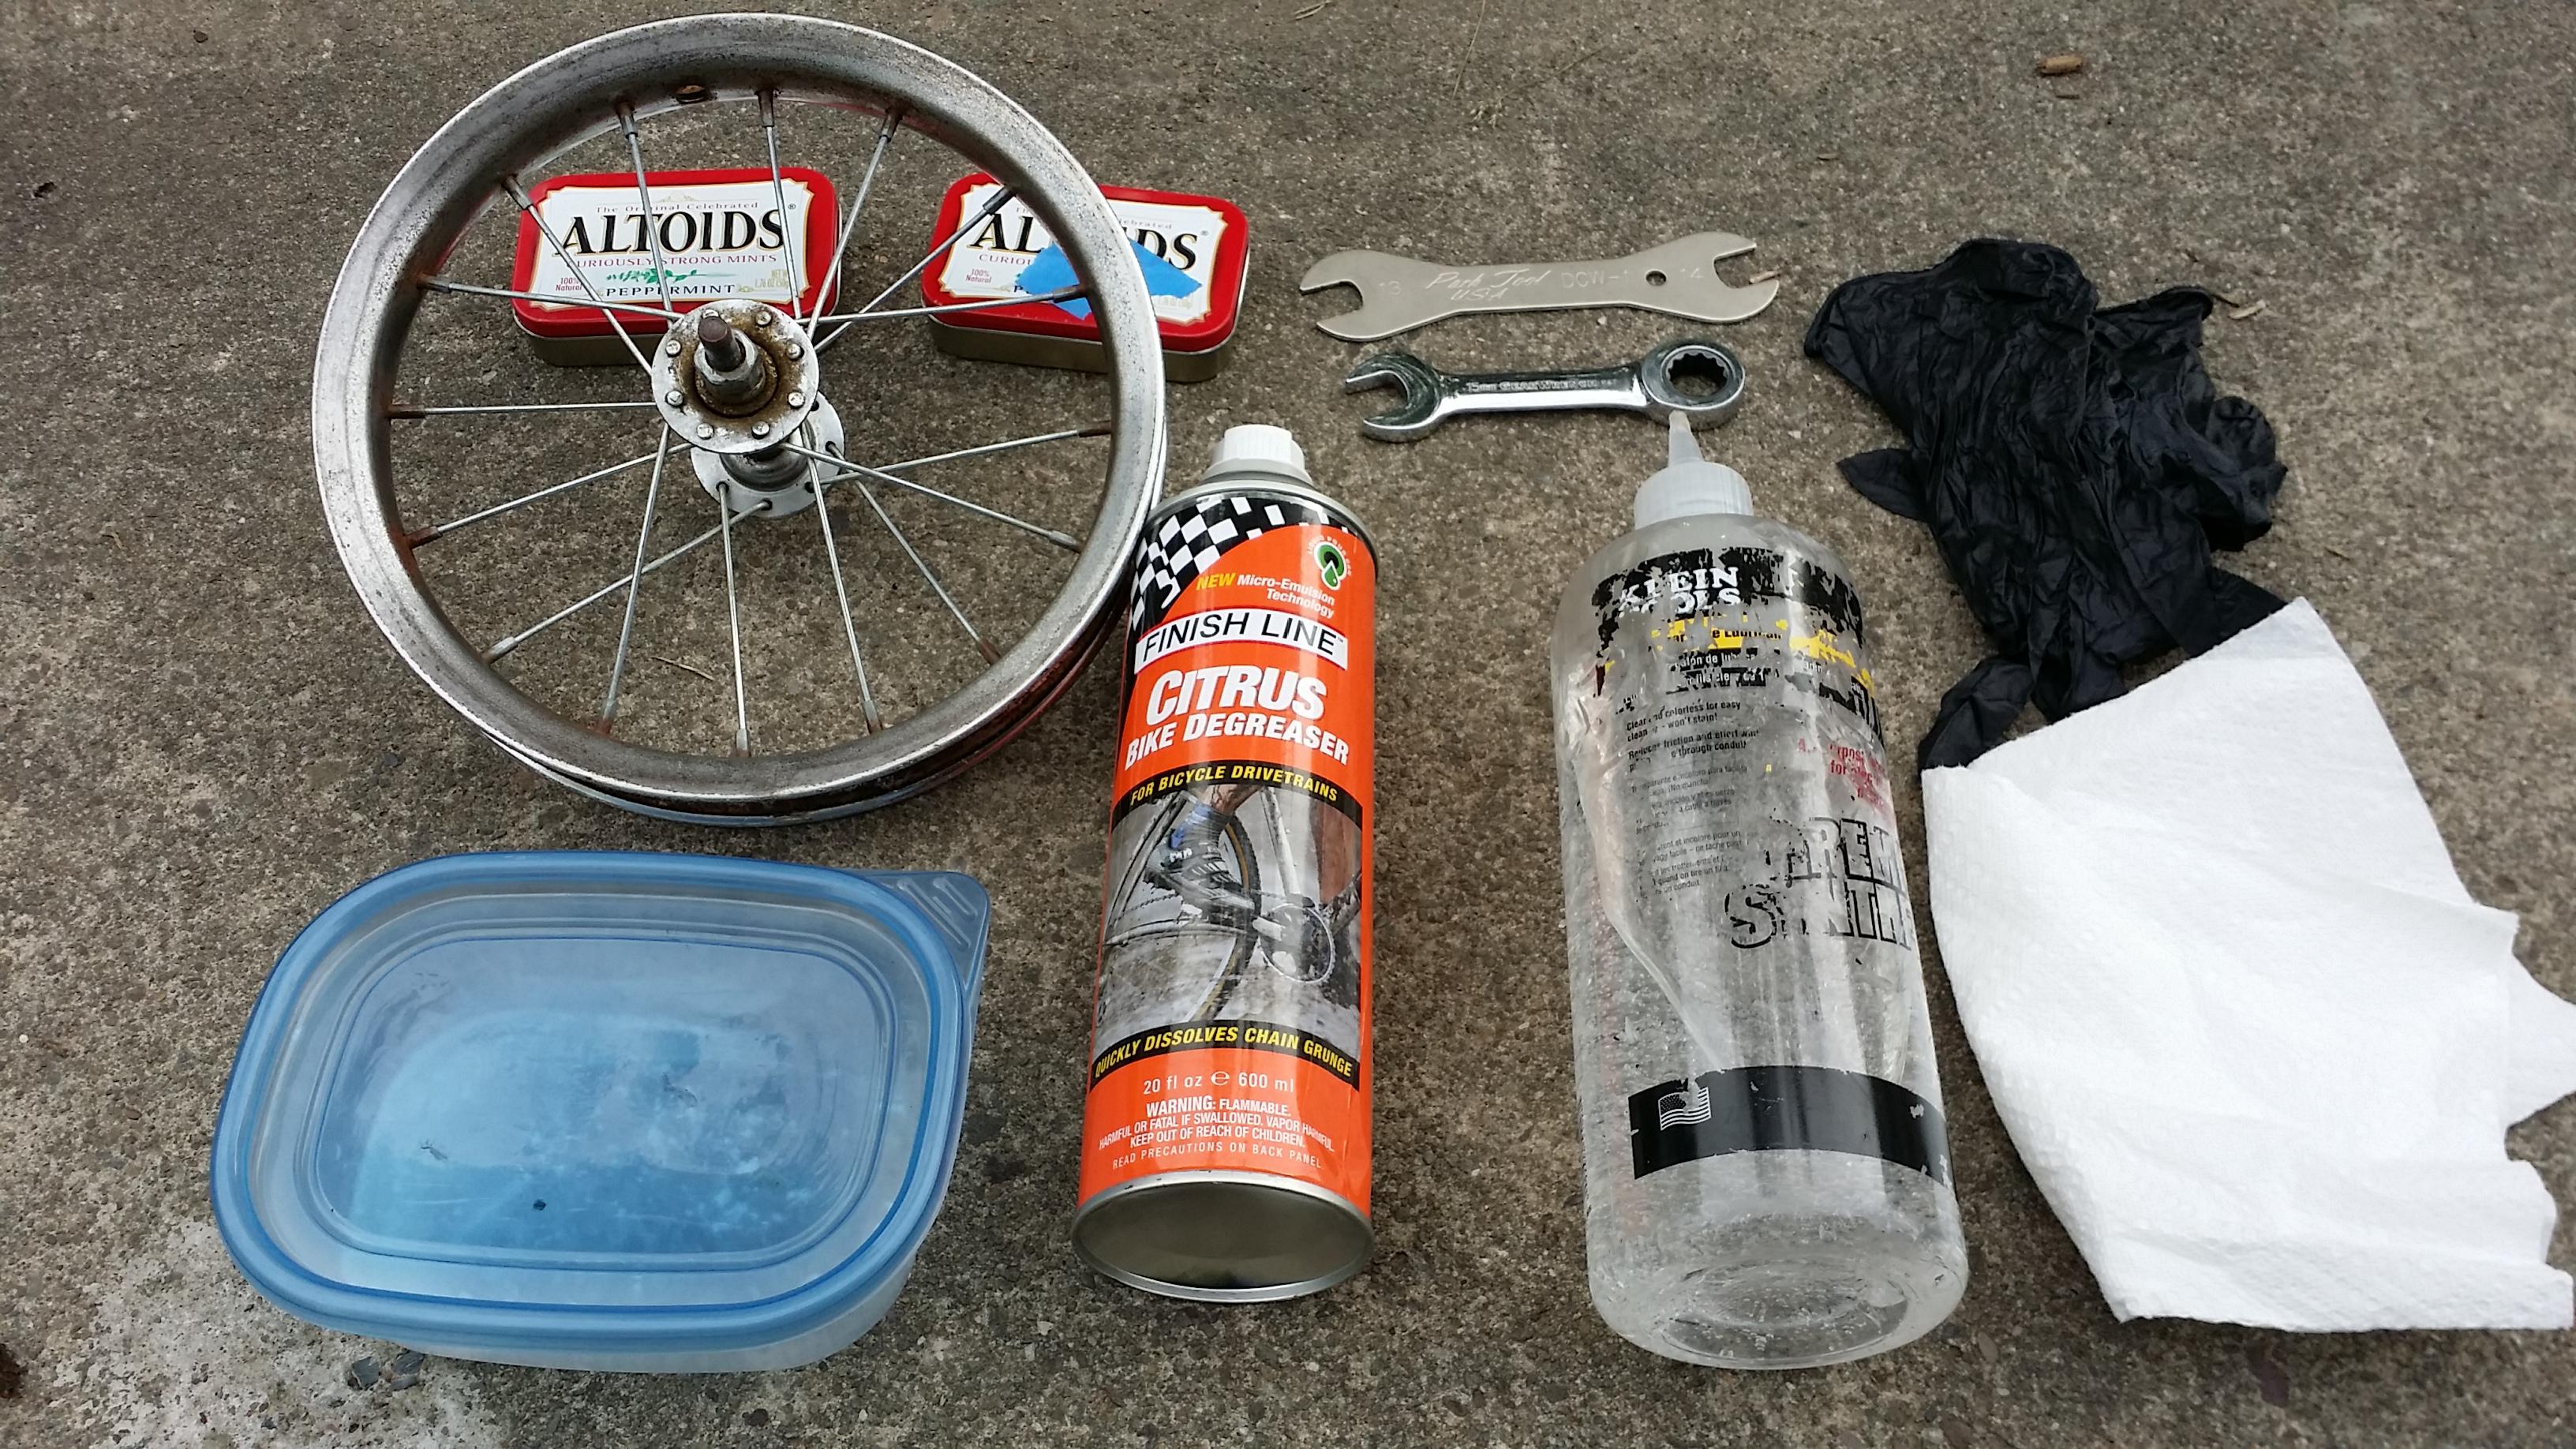 How to service a bike hub